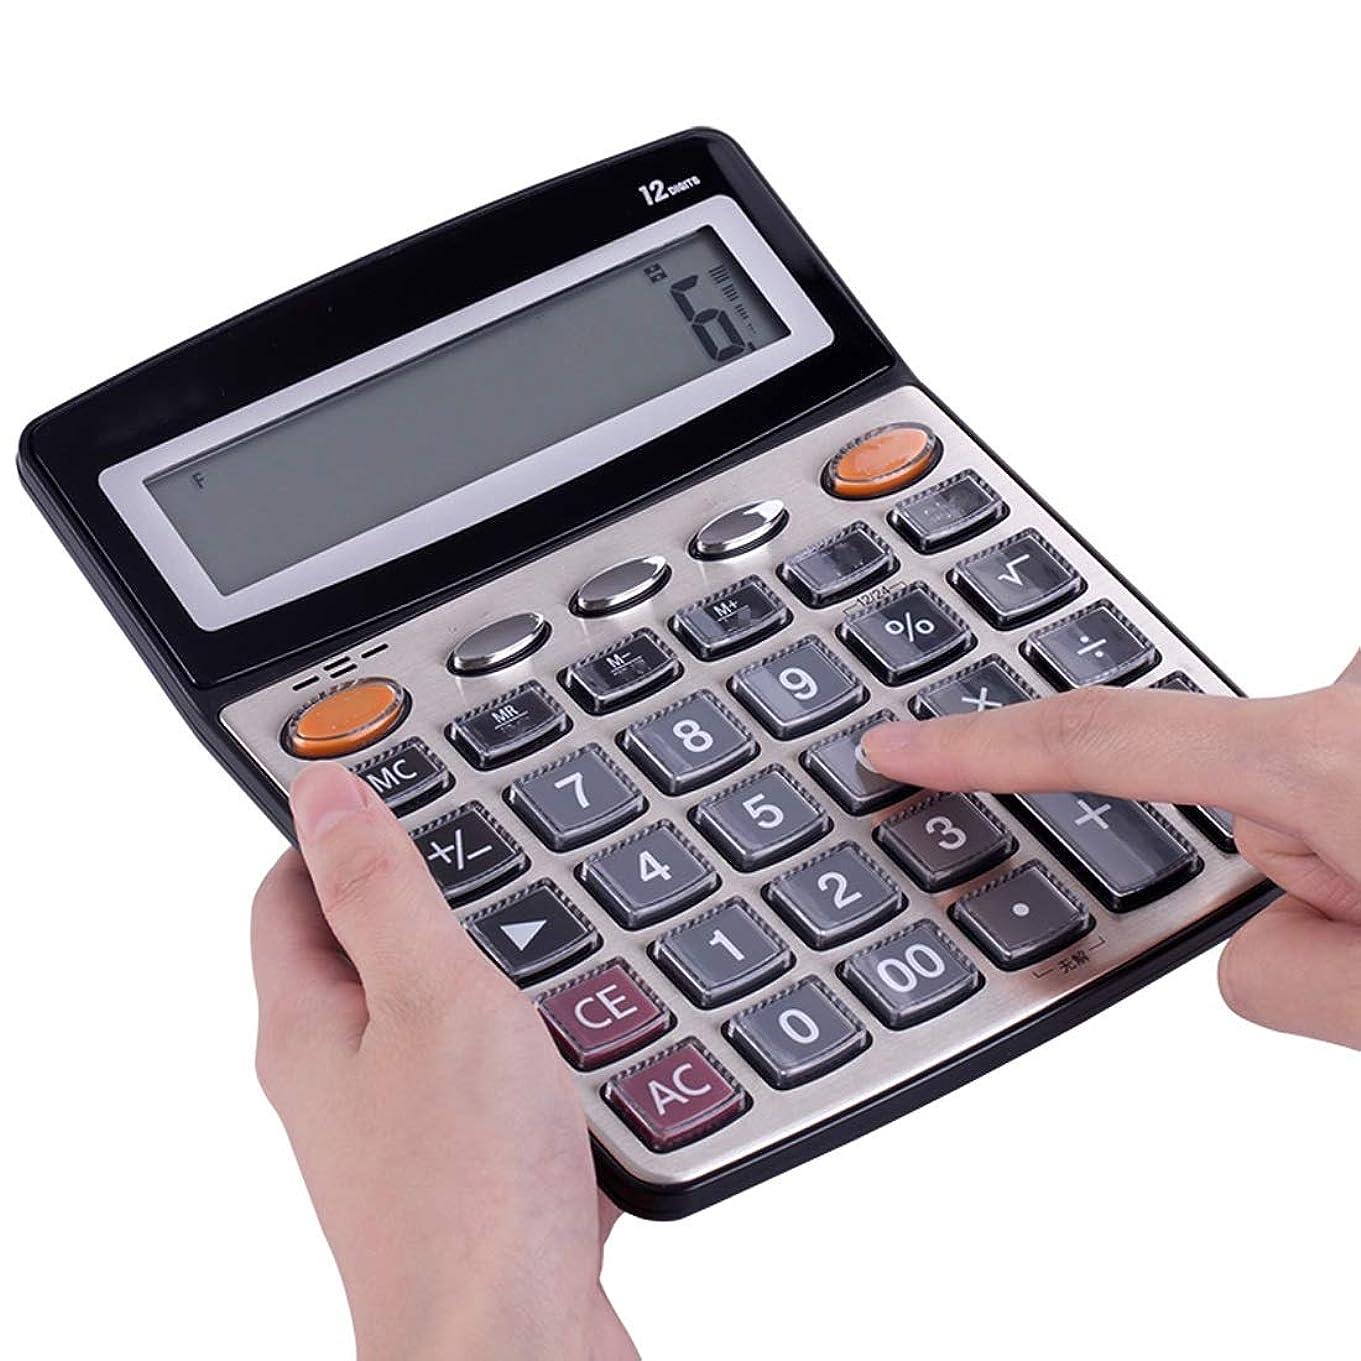 Tcaijing 電卓、ハンドヘルド電卓大型電卓デスクトップ電卓、12桁LCDディスプレイスクールホームオフィスバッテリー2AAバッテリー(別売)